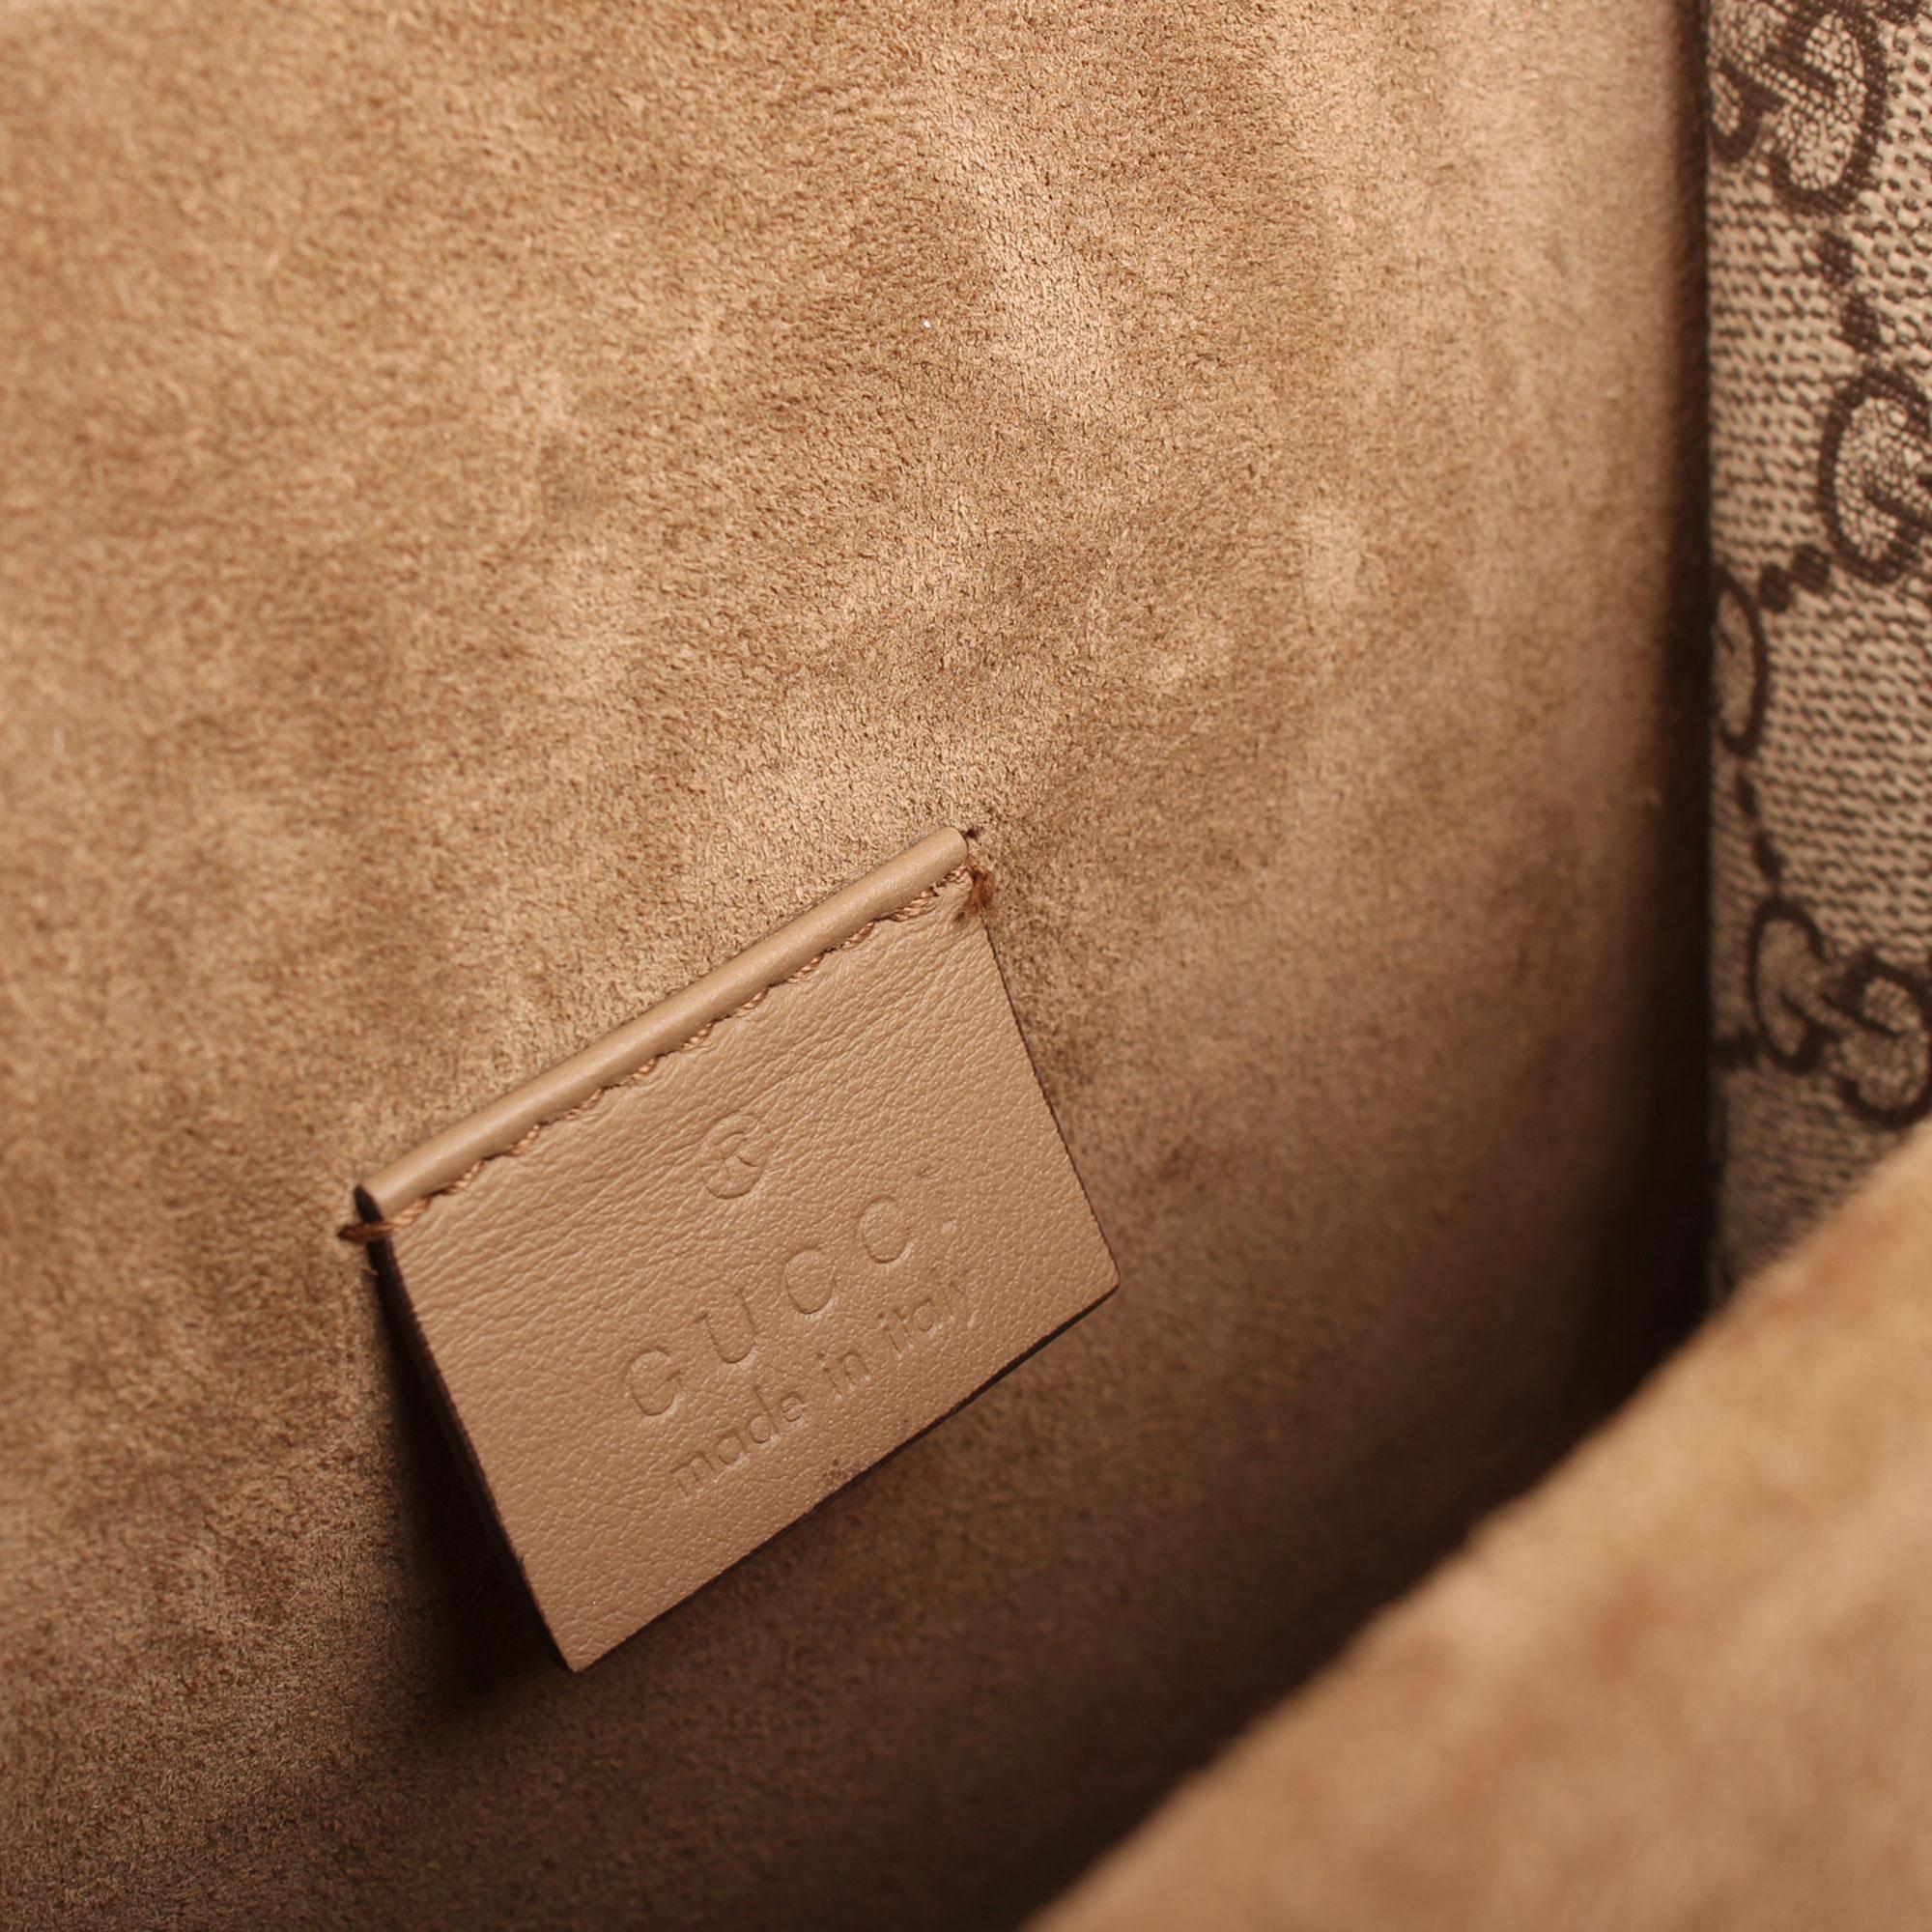 Imagen de la etiqueta interior del bolso gucci dyonisus gg supreme mini